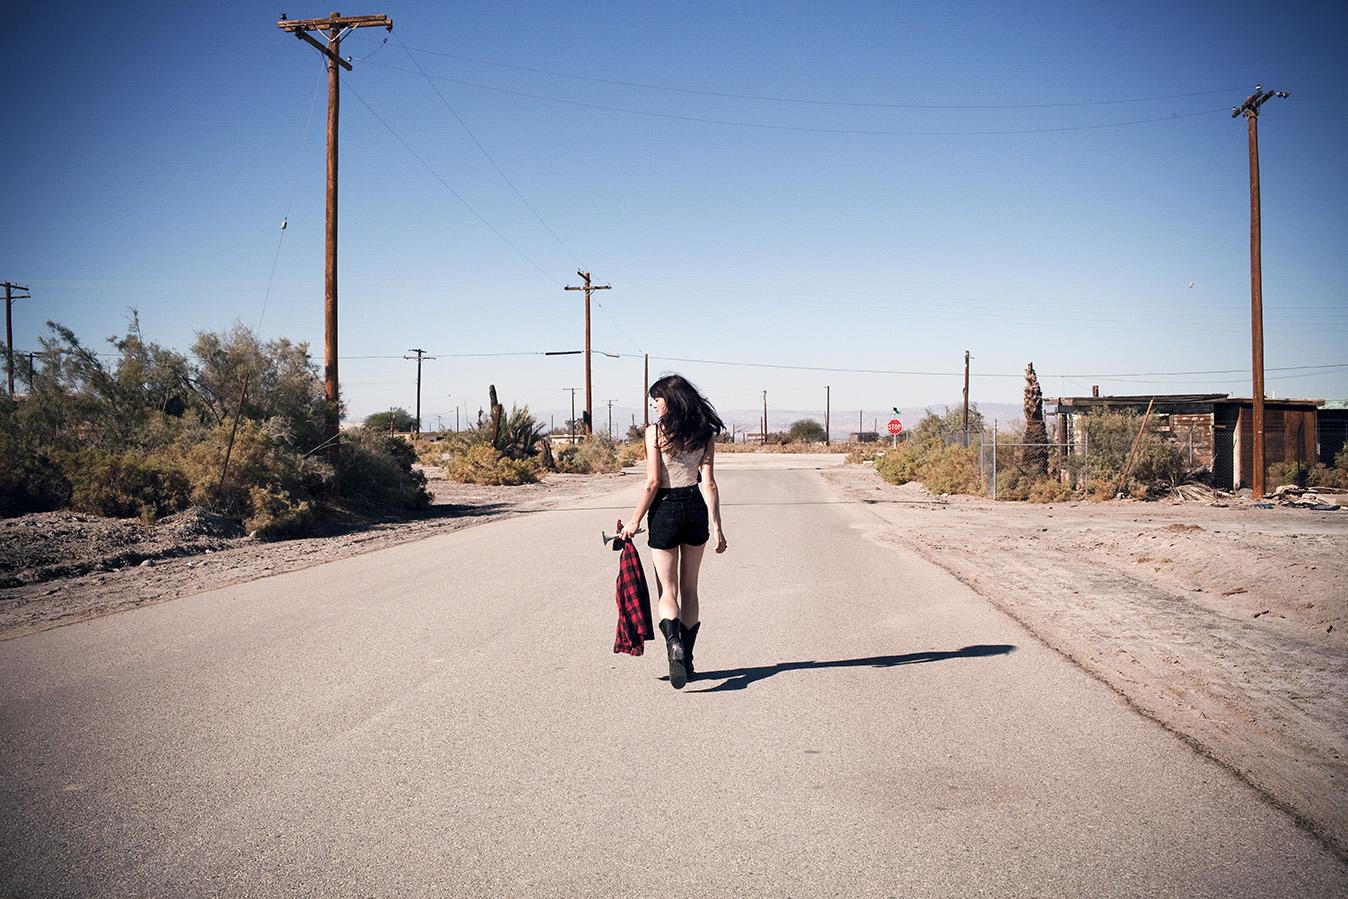 Nikki Lane, Salton Sea